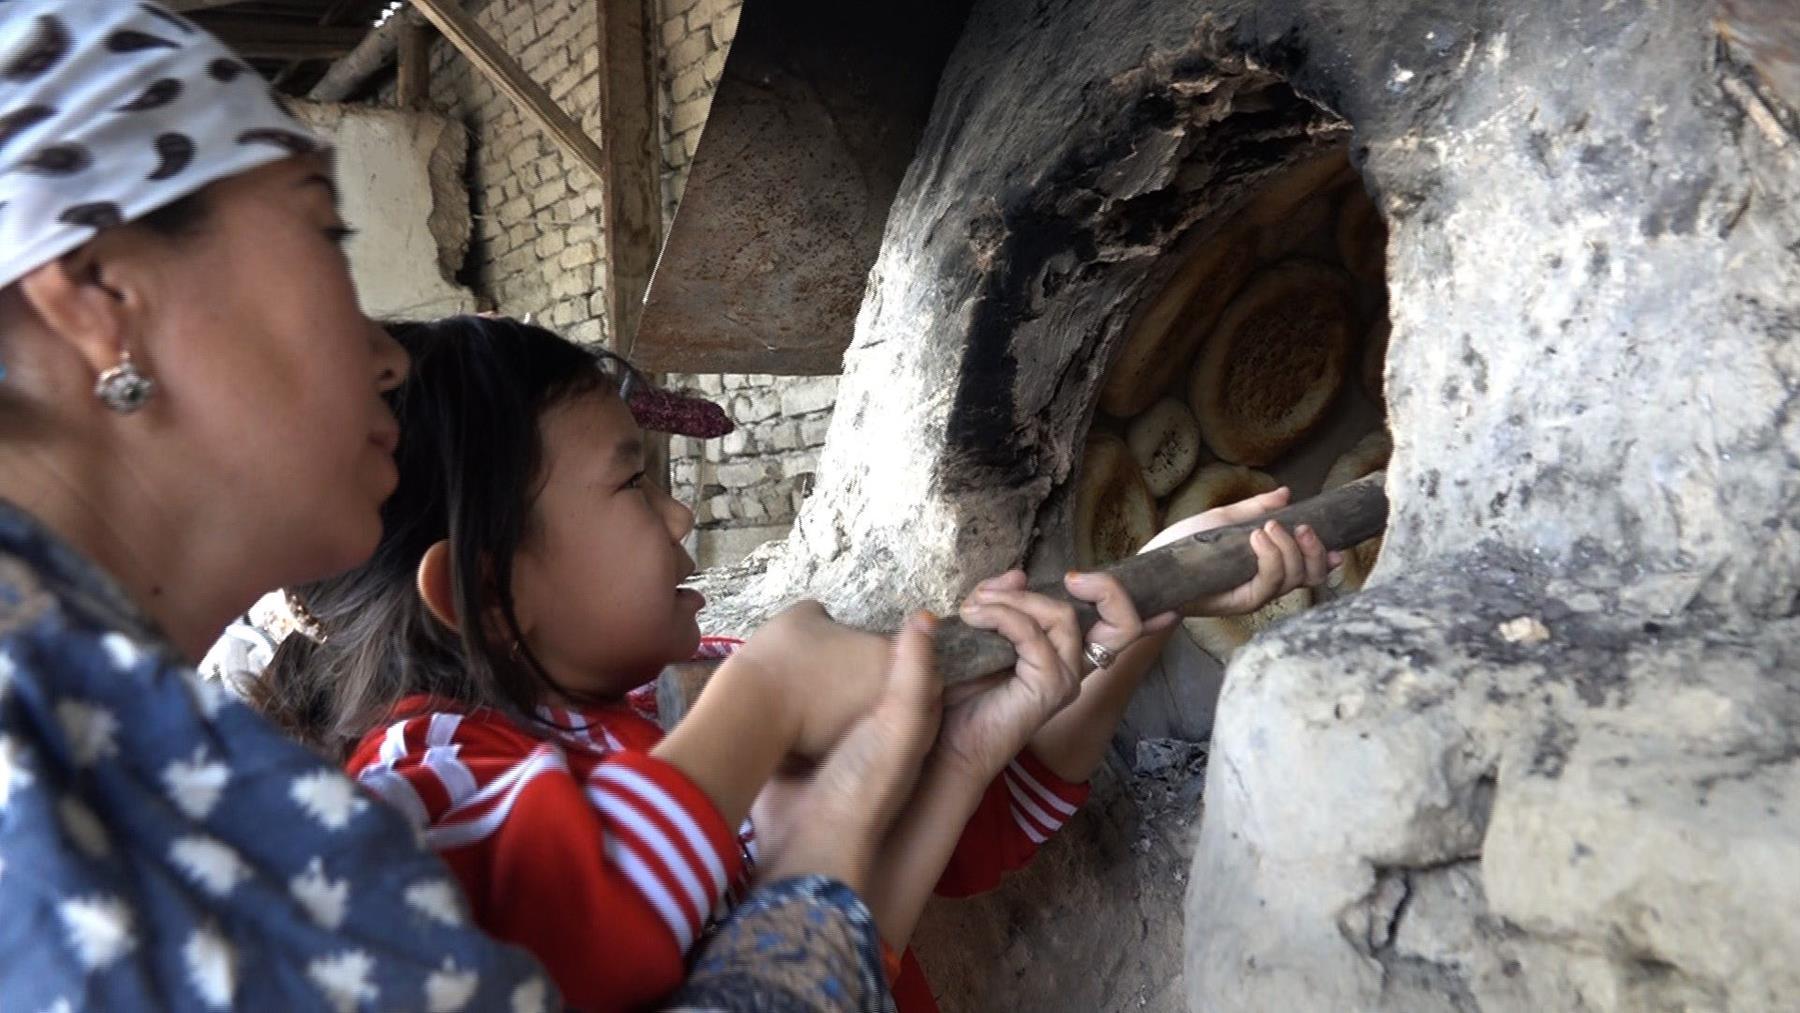 글로벌 아빠 찾아 삼만리 [우즈베키스탄에서 온 자매 2부 – 아빠에게 찾아온 행운]